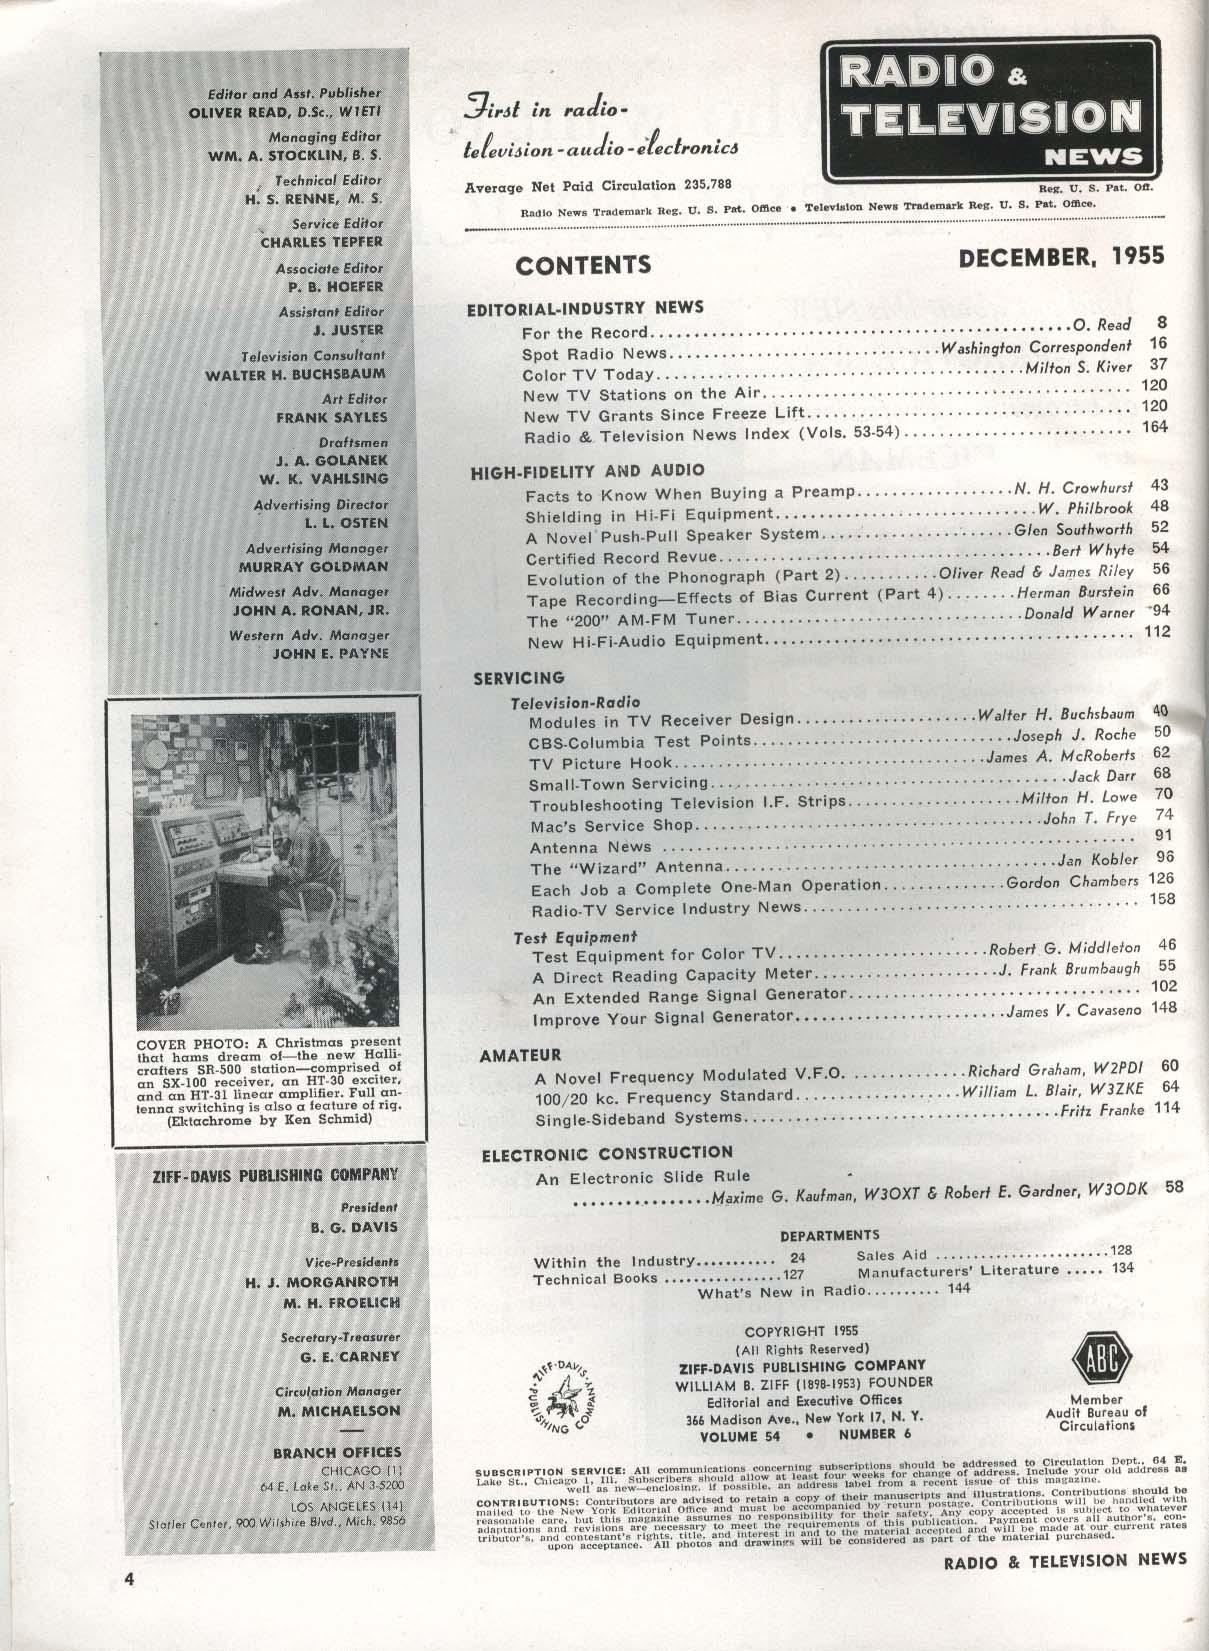 RADIO-ELECTRONICS Color TV Wide-Range Speaker System TV Cross-Hatch ++ 10 1954